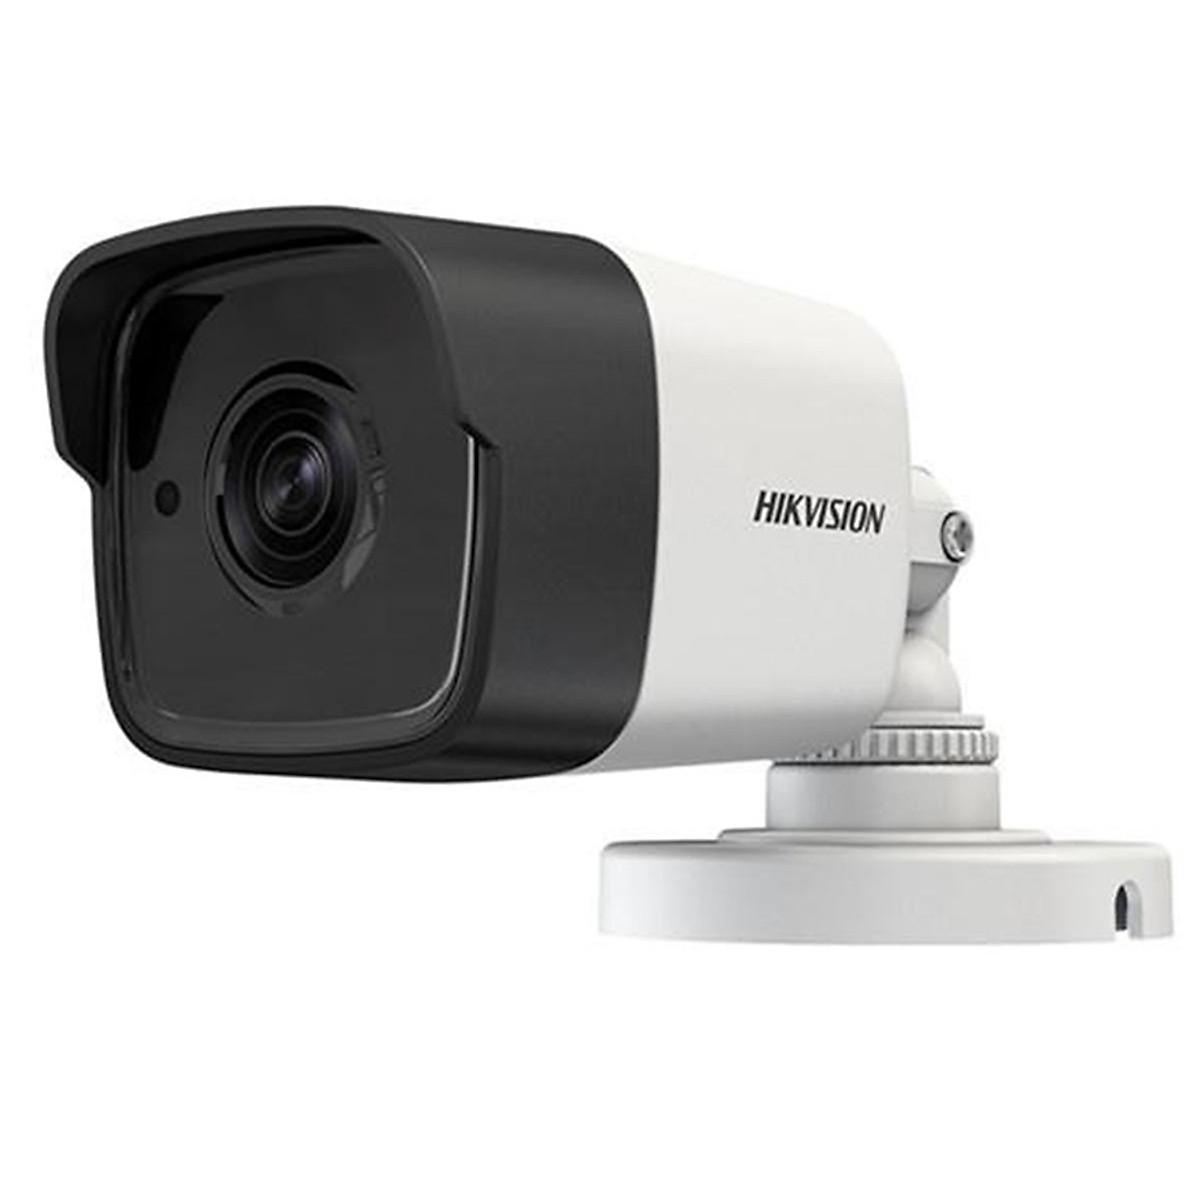 Camera IP Hồng Ngoại 2.0MP Hikvision DS-2CD2021-IAX – Hàng Nhập Khẩu